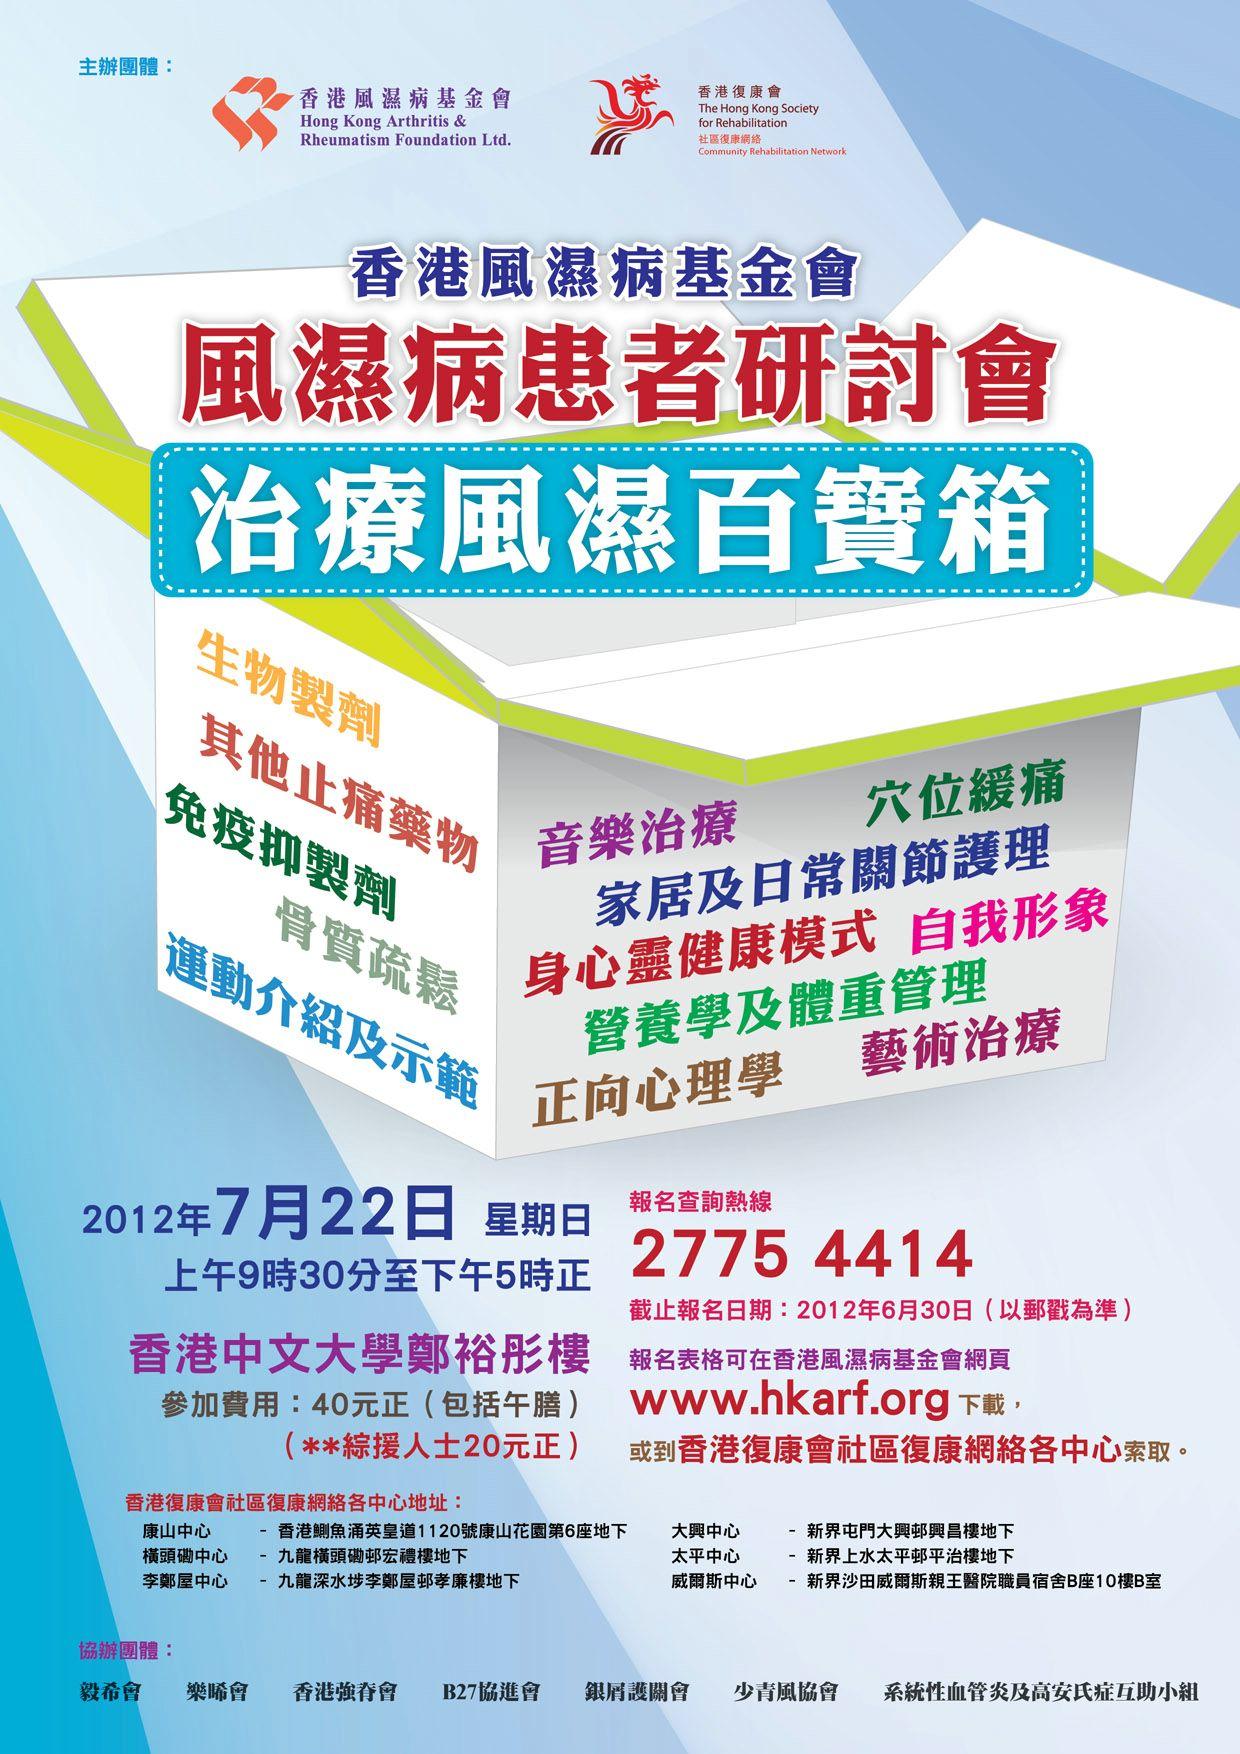 風濕病患者研討會 - 治療風濕百寶箱 - HKARF